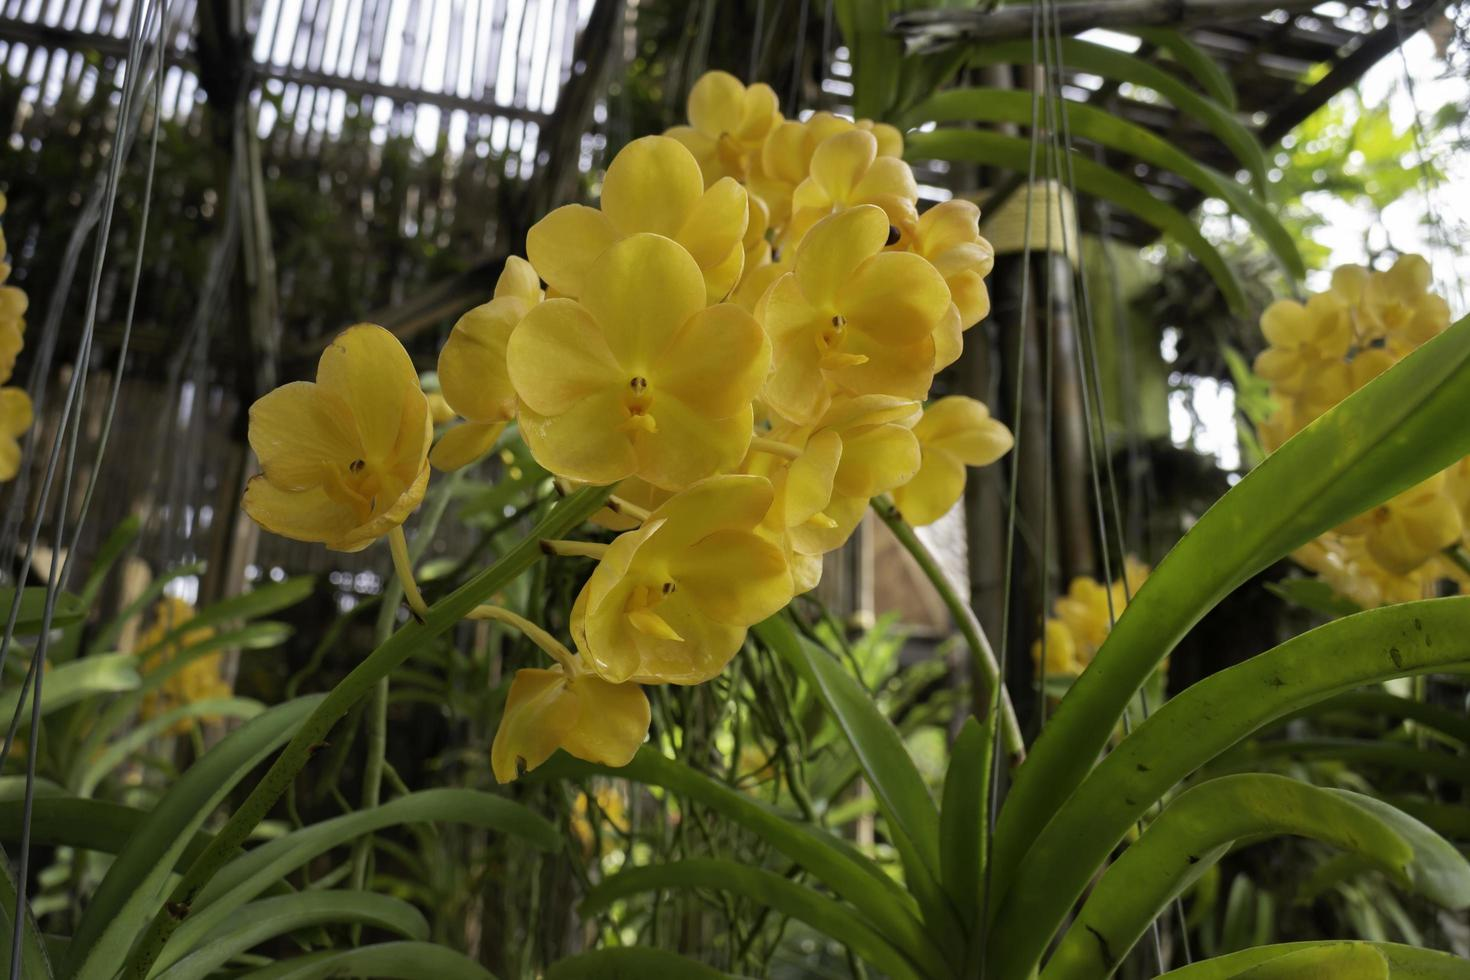 orchidées jaunes dans le jardin photo